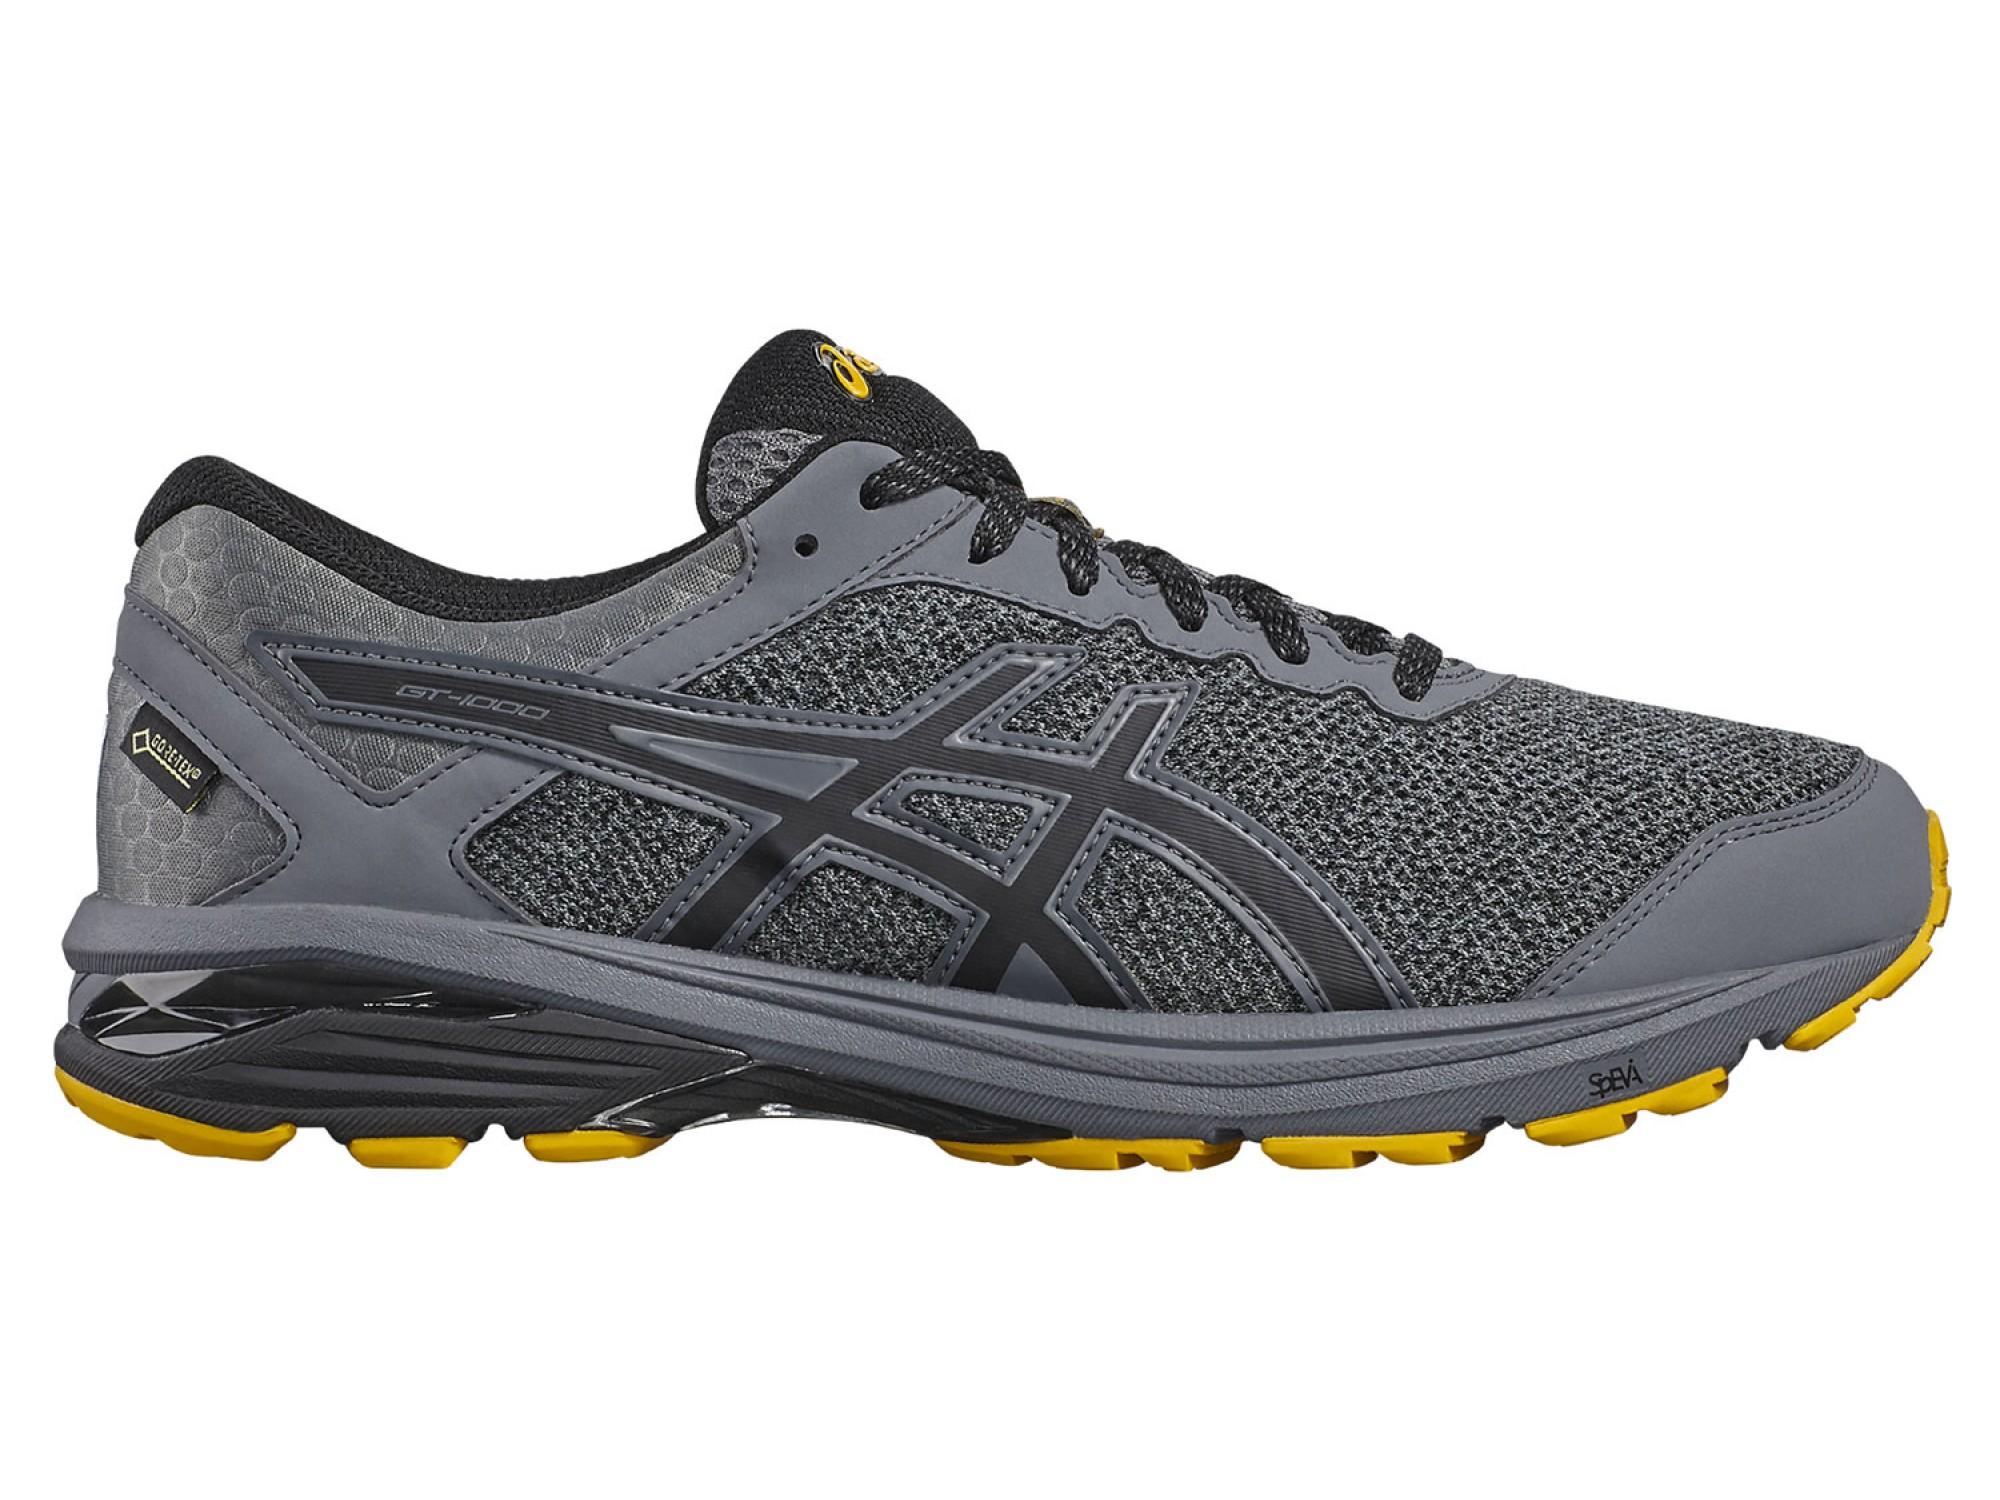 e862370b6b0 ASICS GT-1000 6 GTX® - кроссовки для бега с мембраной Gore-tex ...